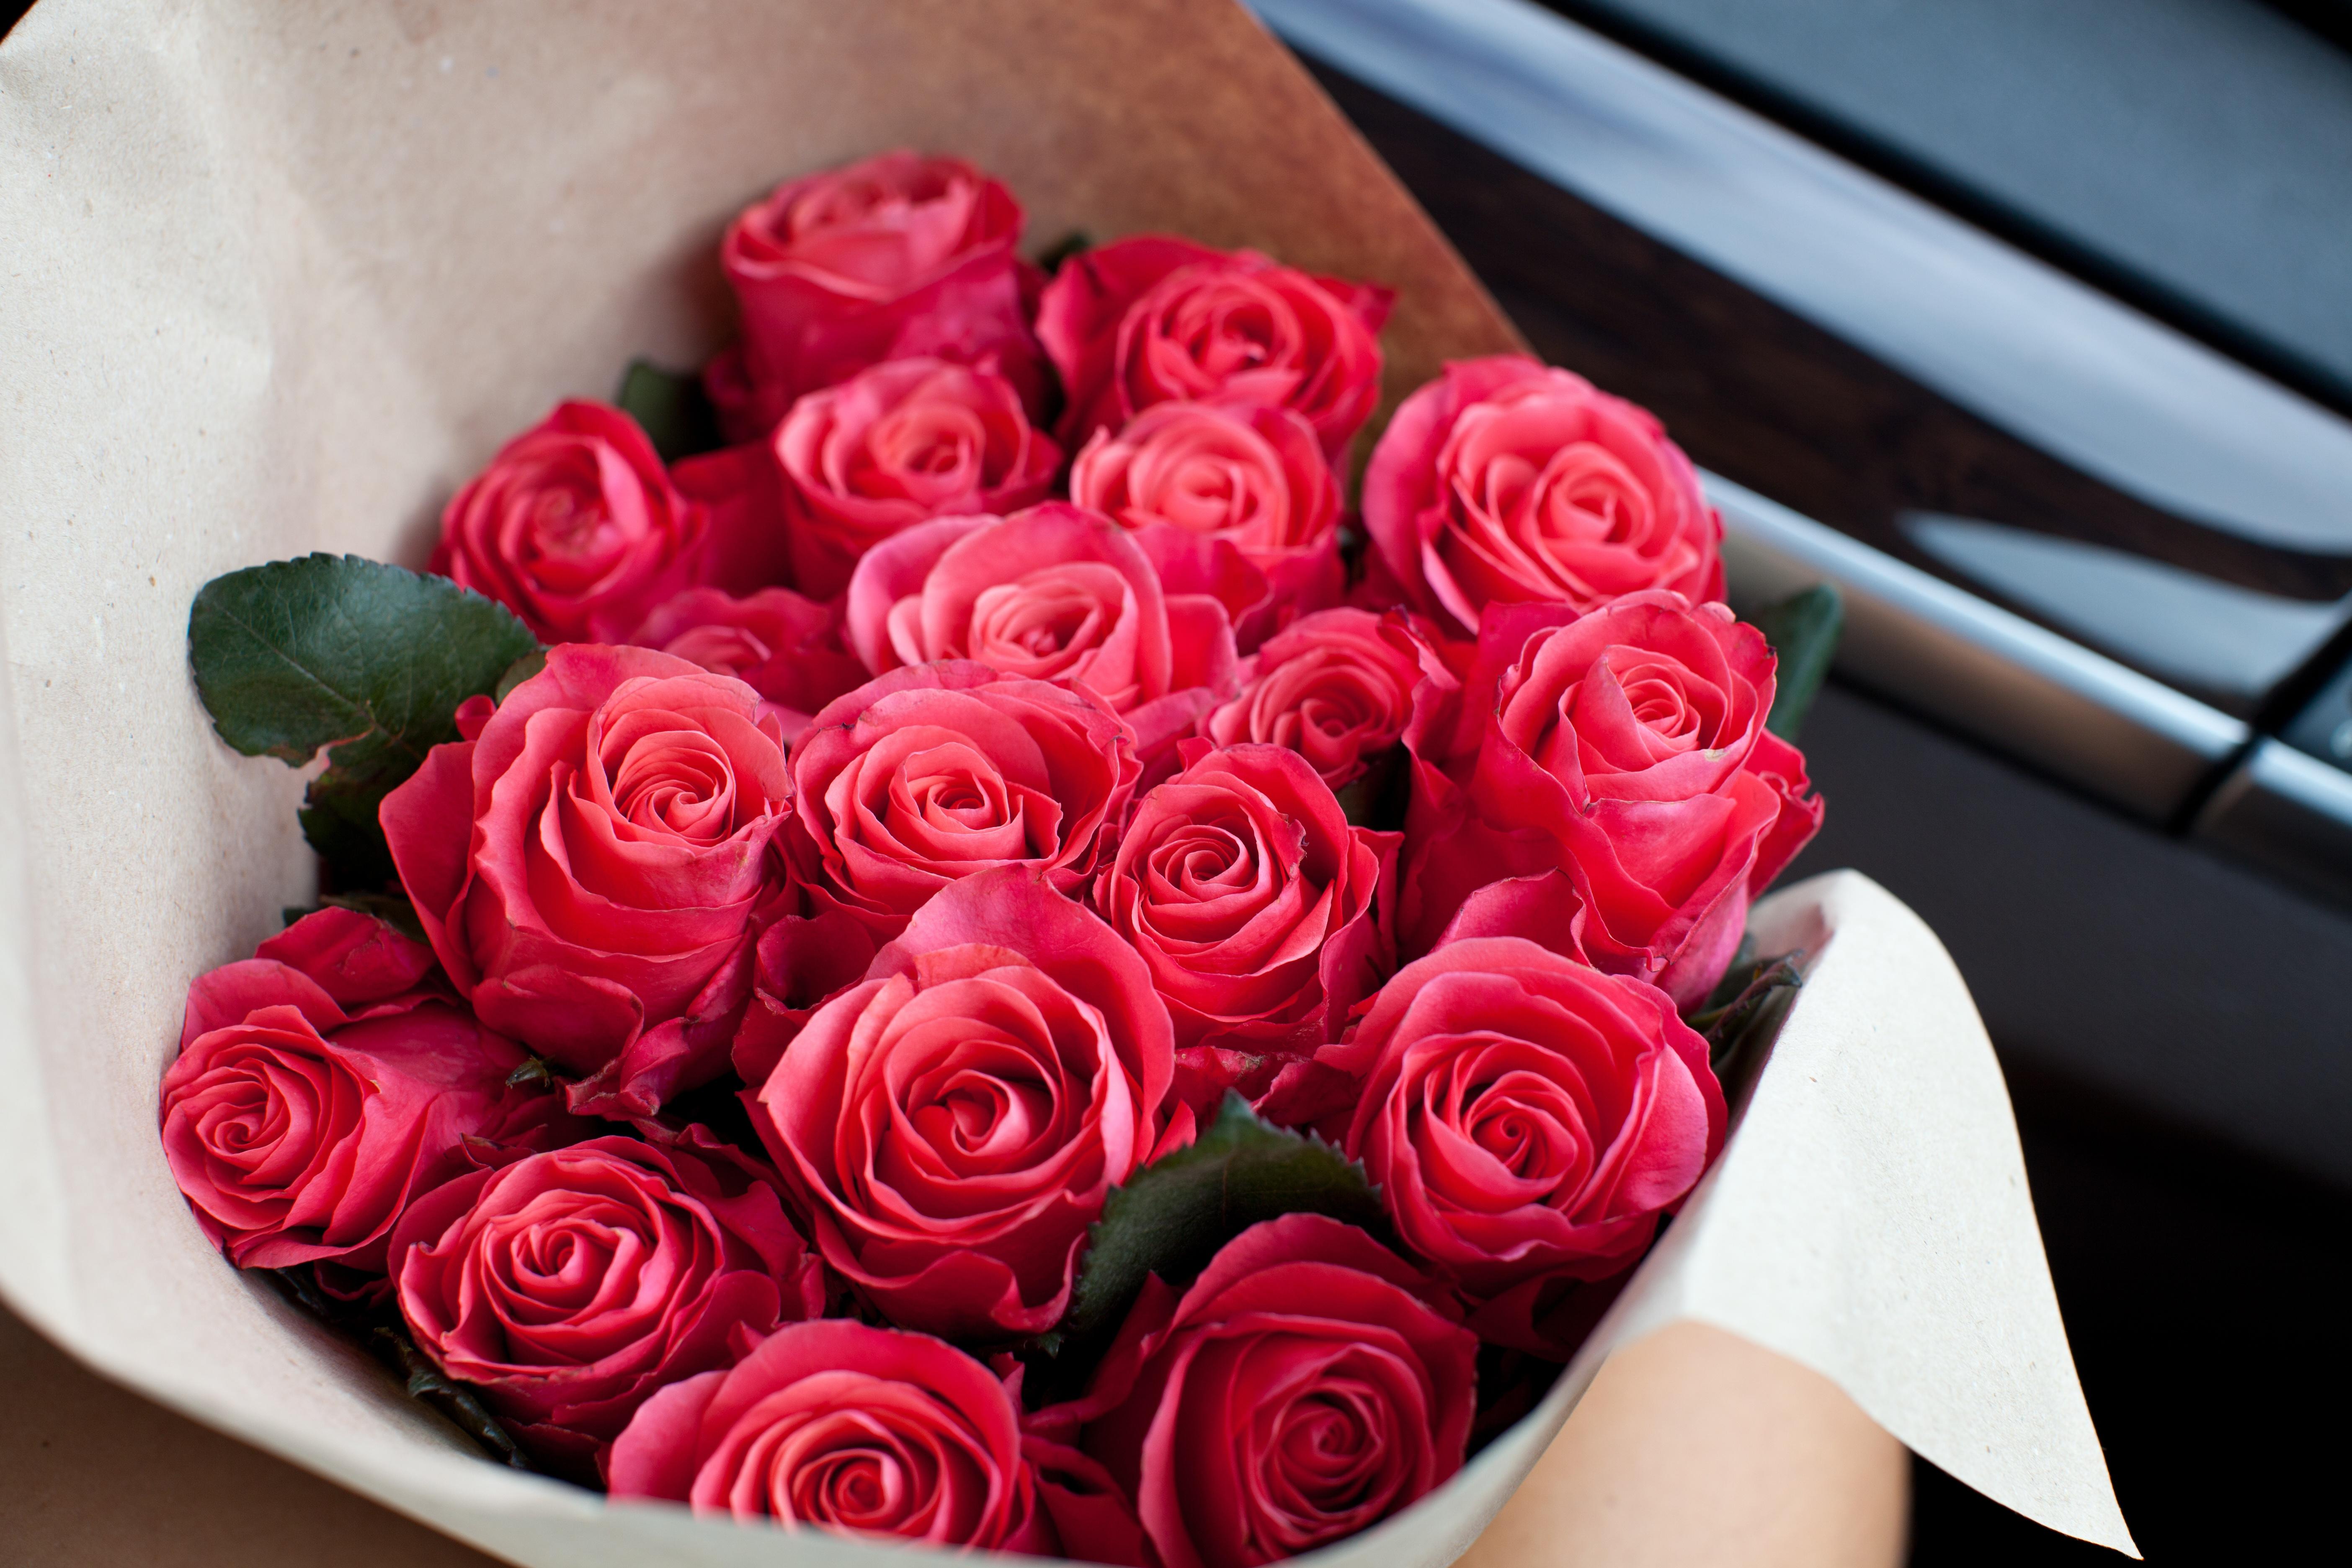 картинка несколько букетов роз в одном начале лета